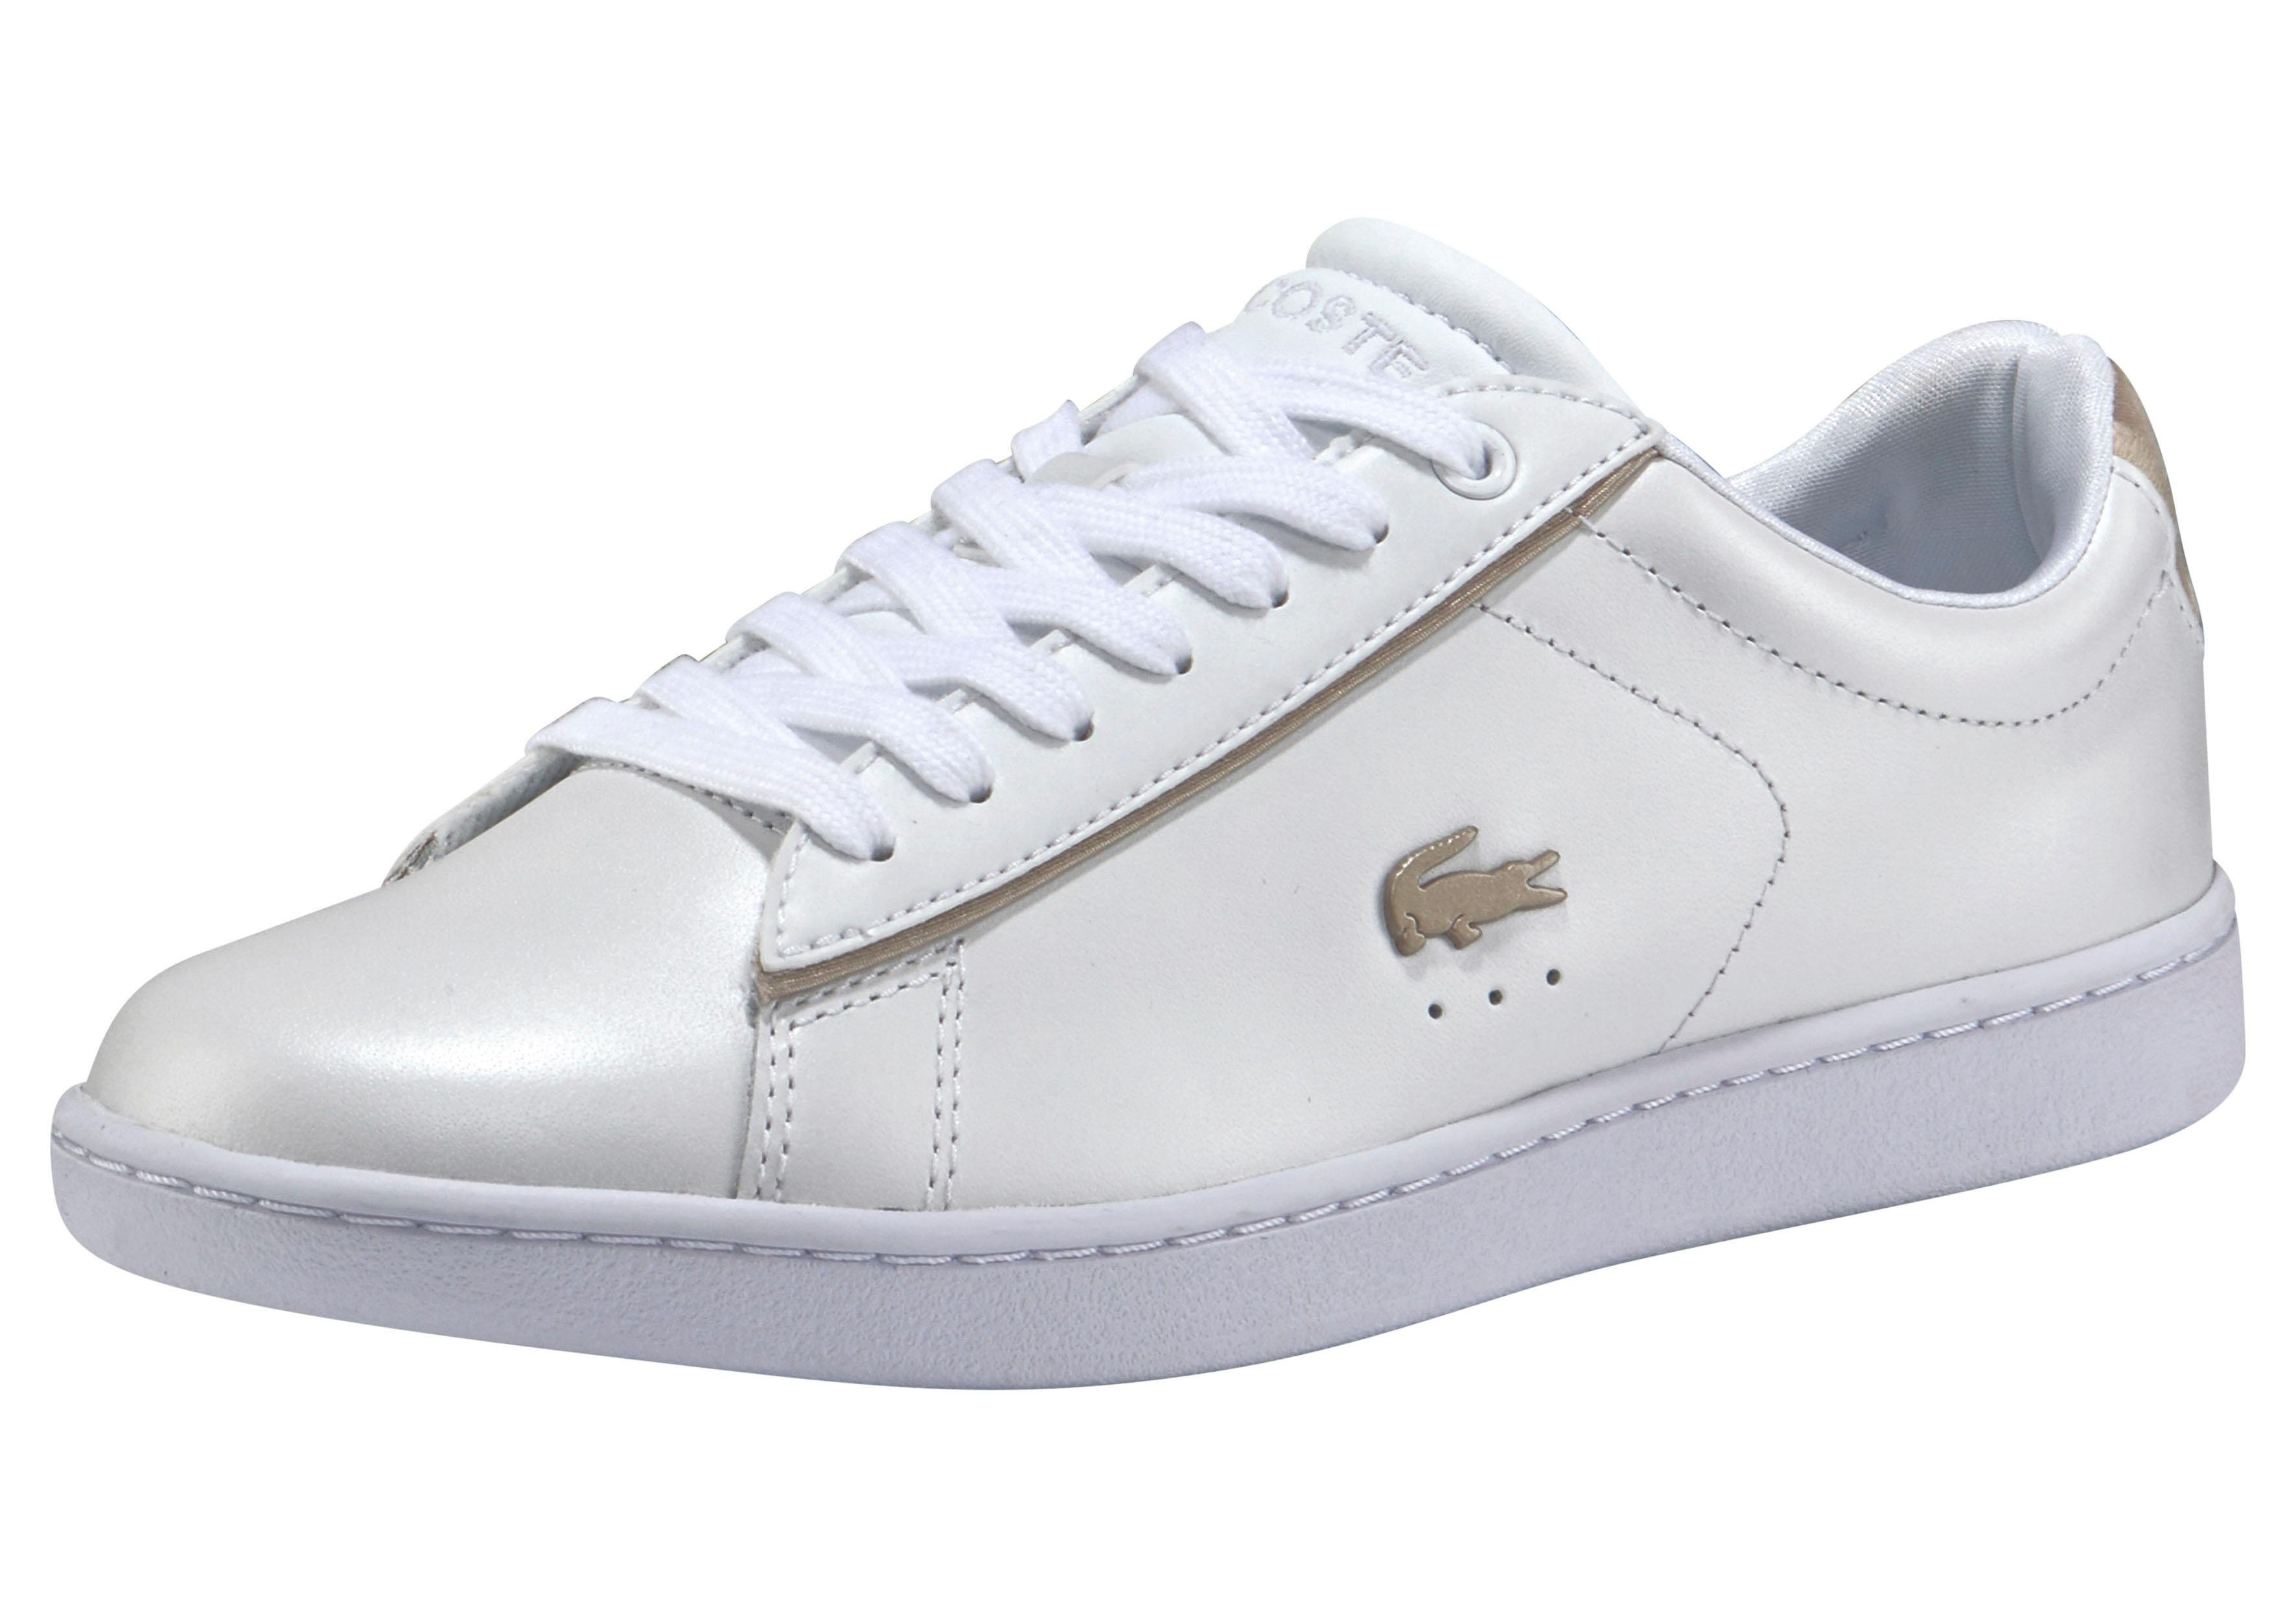 Lacoste sneakers Carnaby Evo 119 6 SPW online kopen op otto.nl